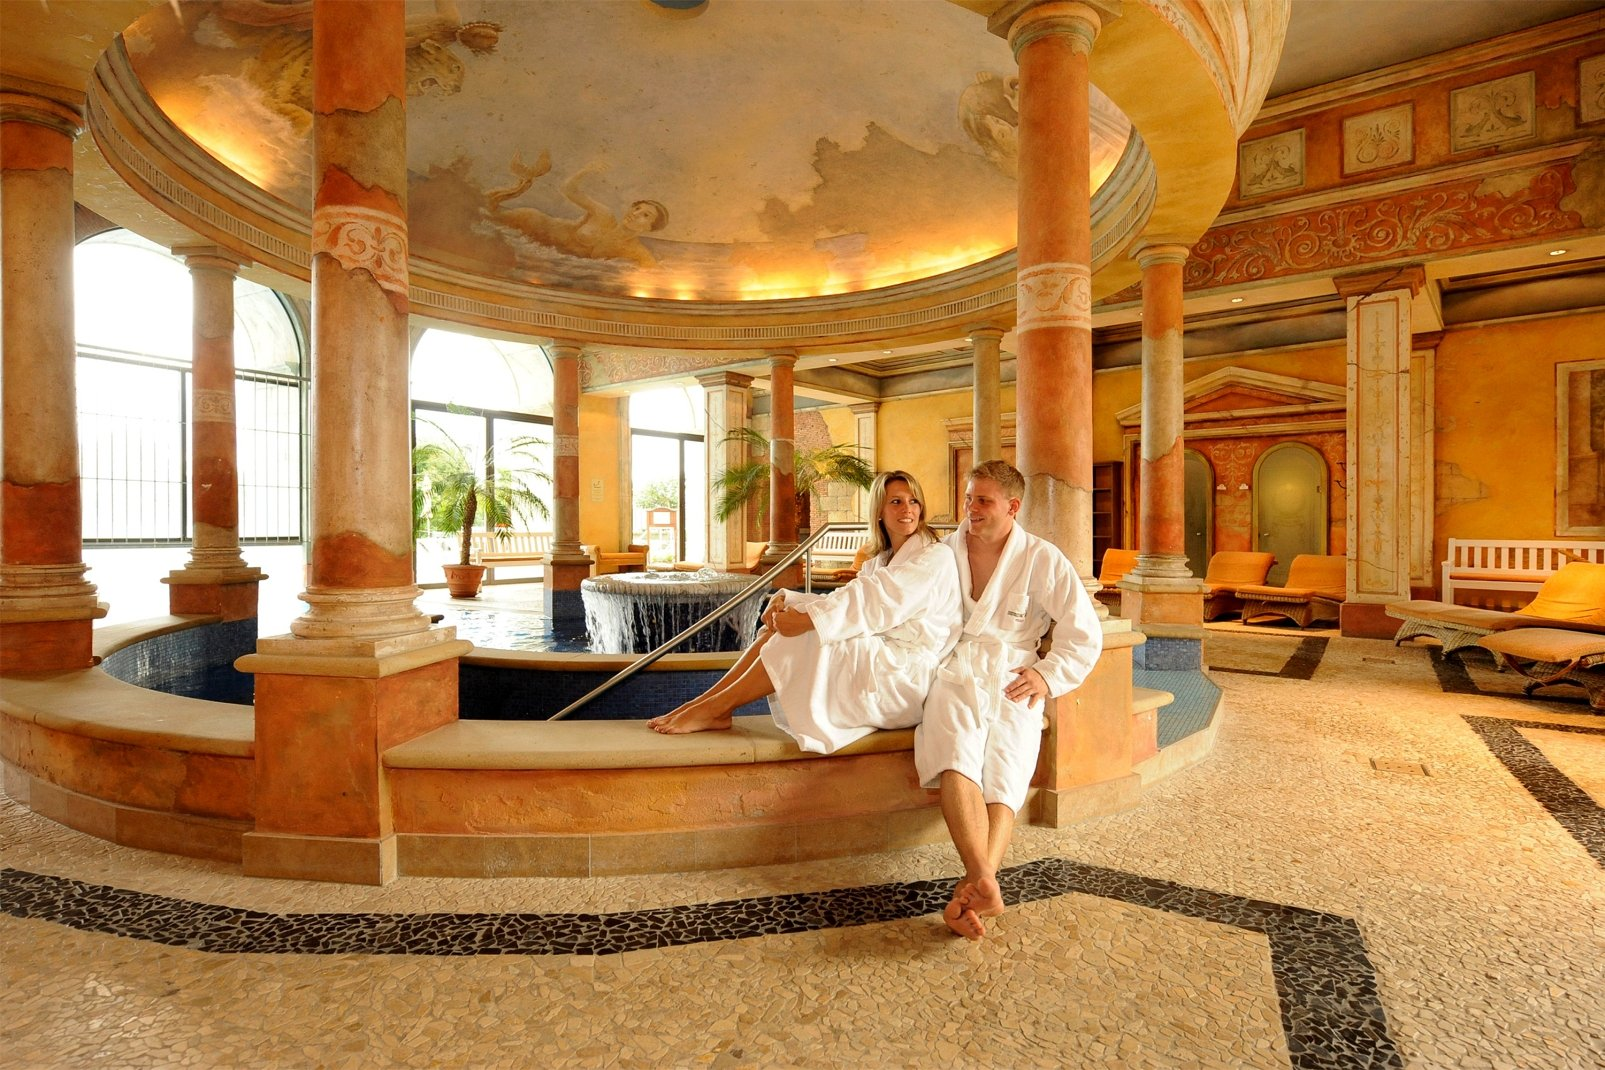 Europa-Park - Hôtel Colosseo 4*sup avec accès au parc - 1